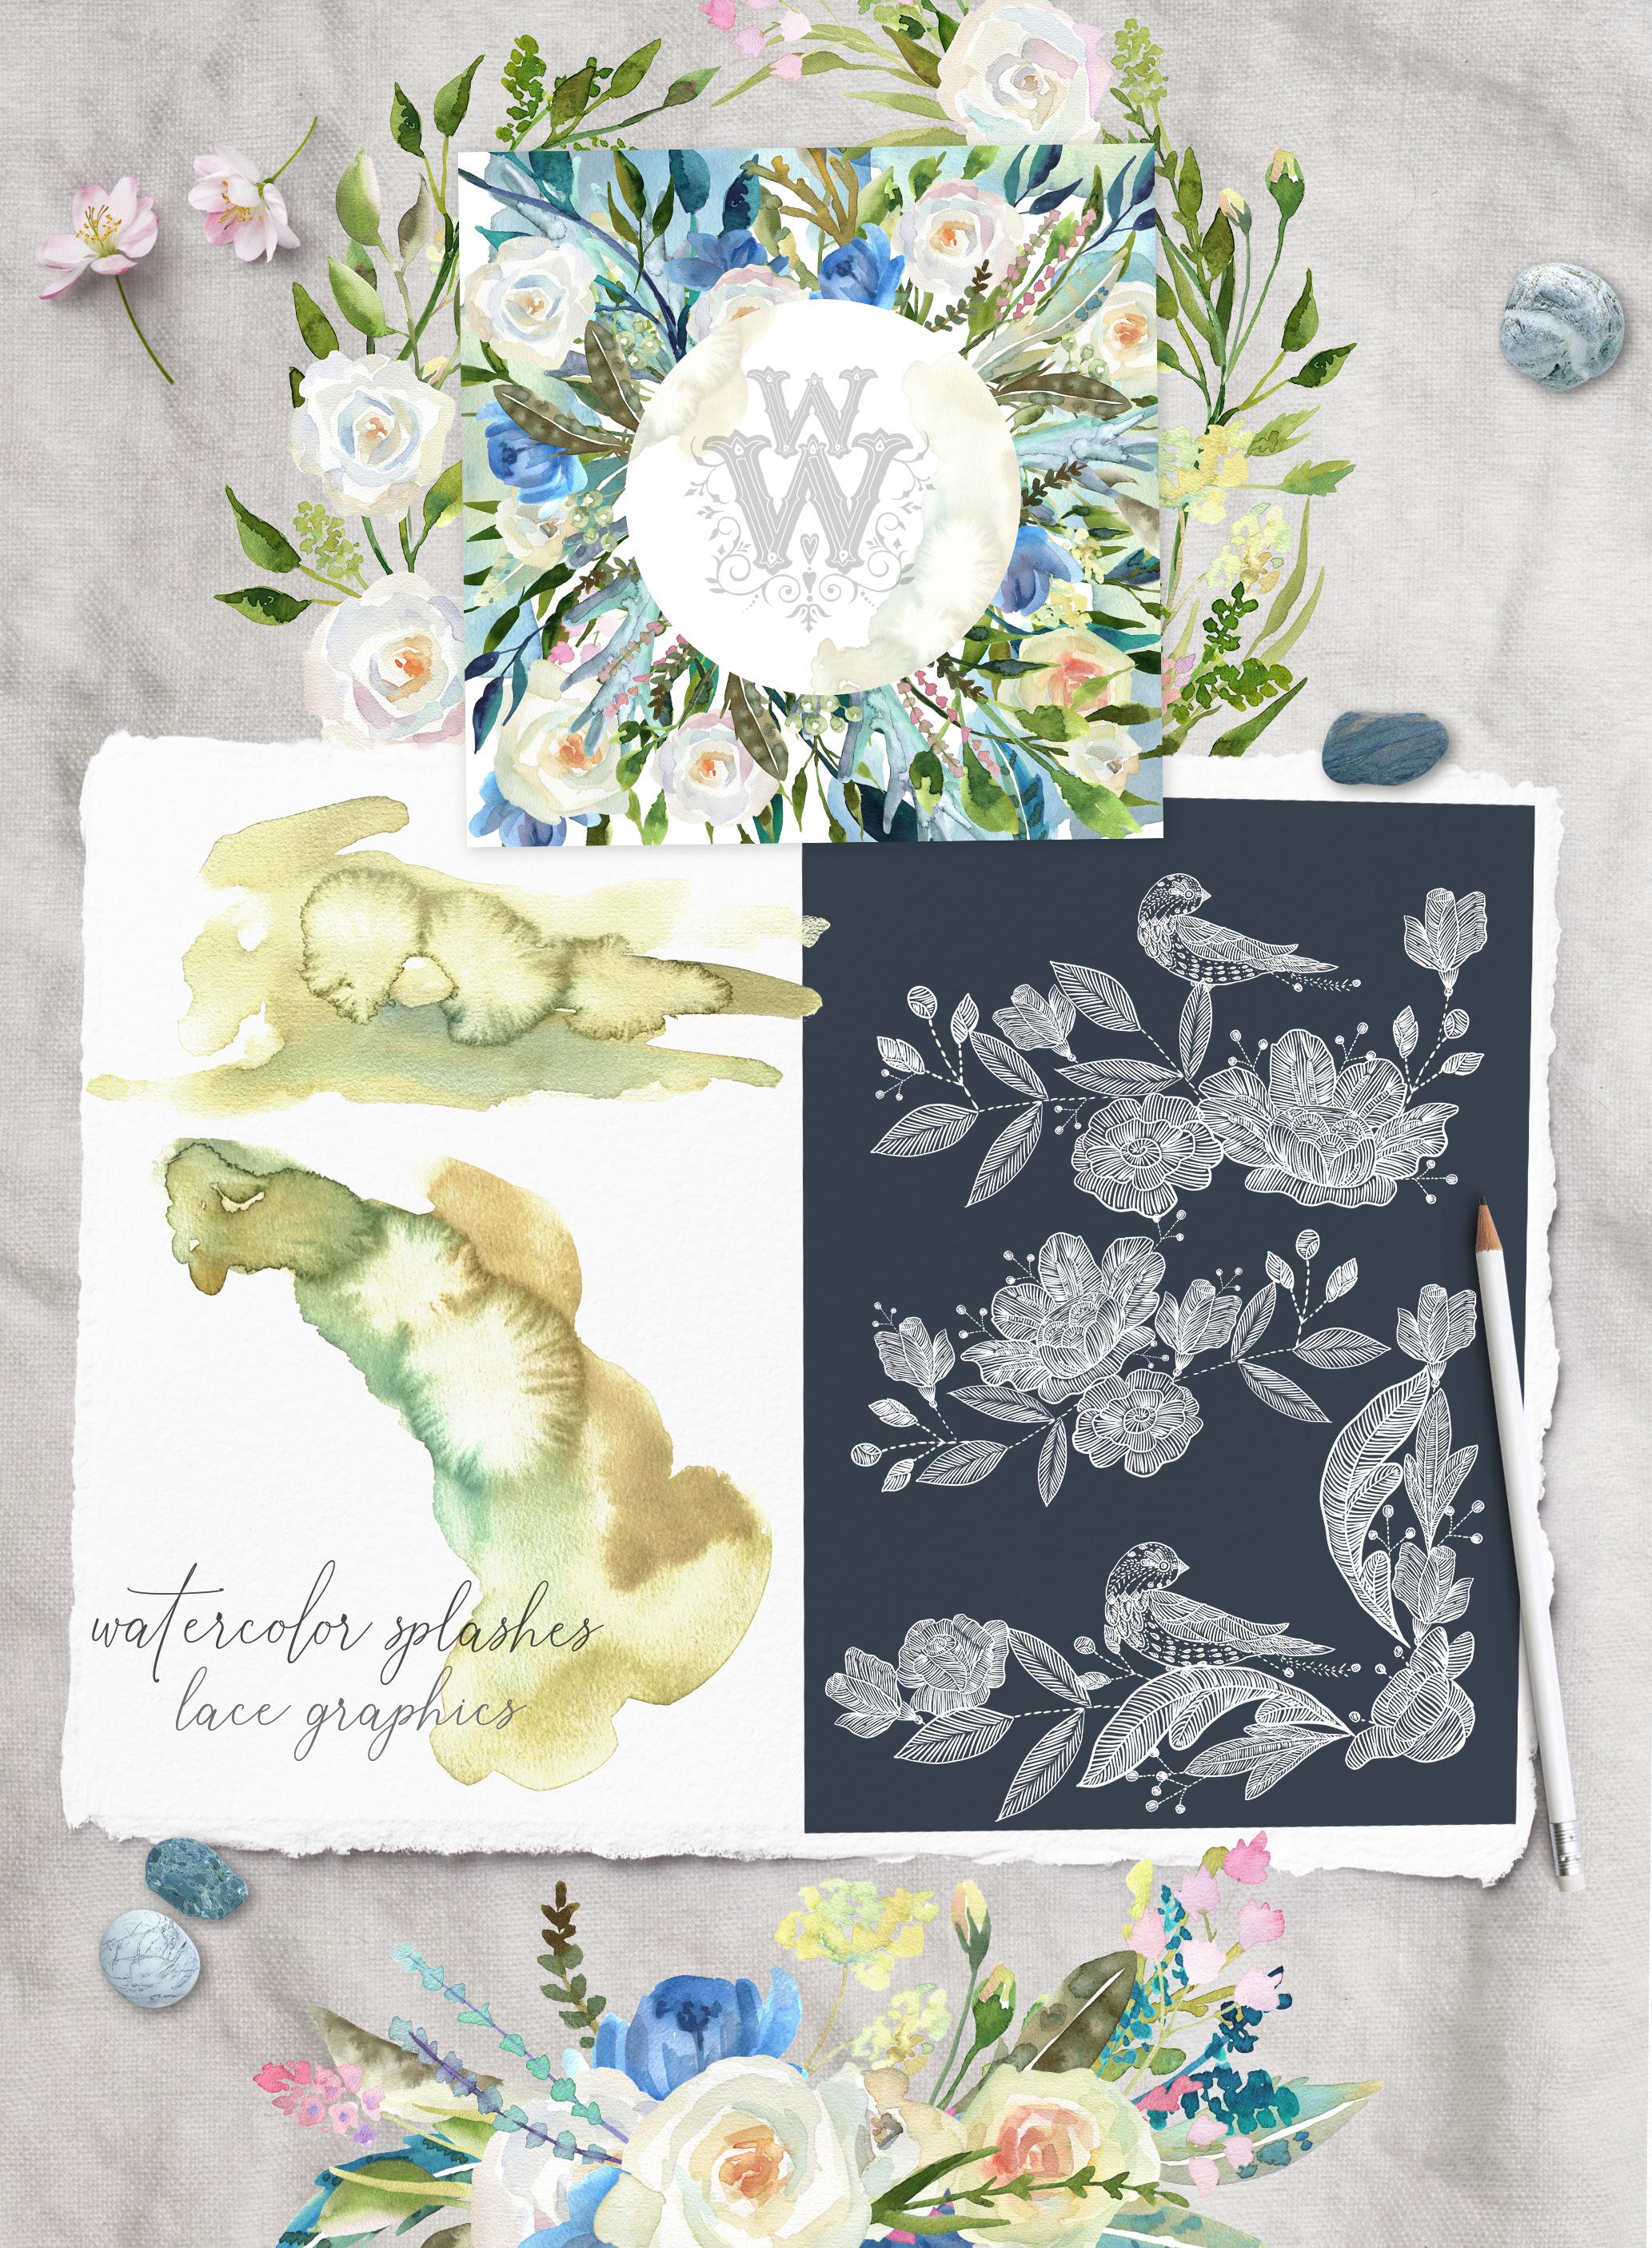 Watercolor floral wedding bouquets, boho compositios wreath example image 3